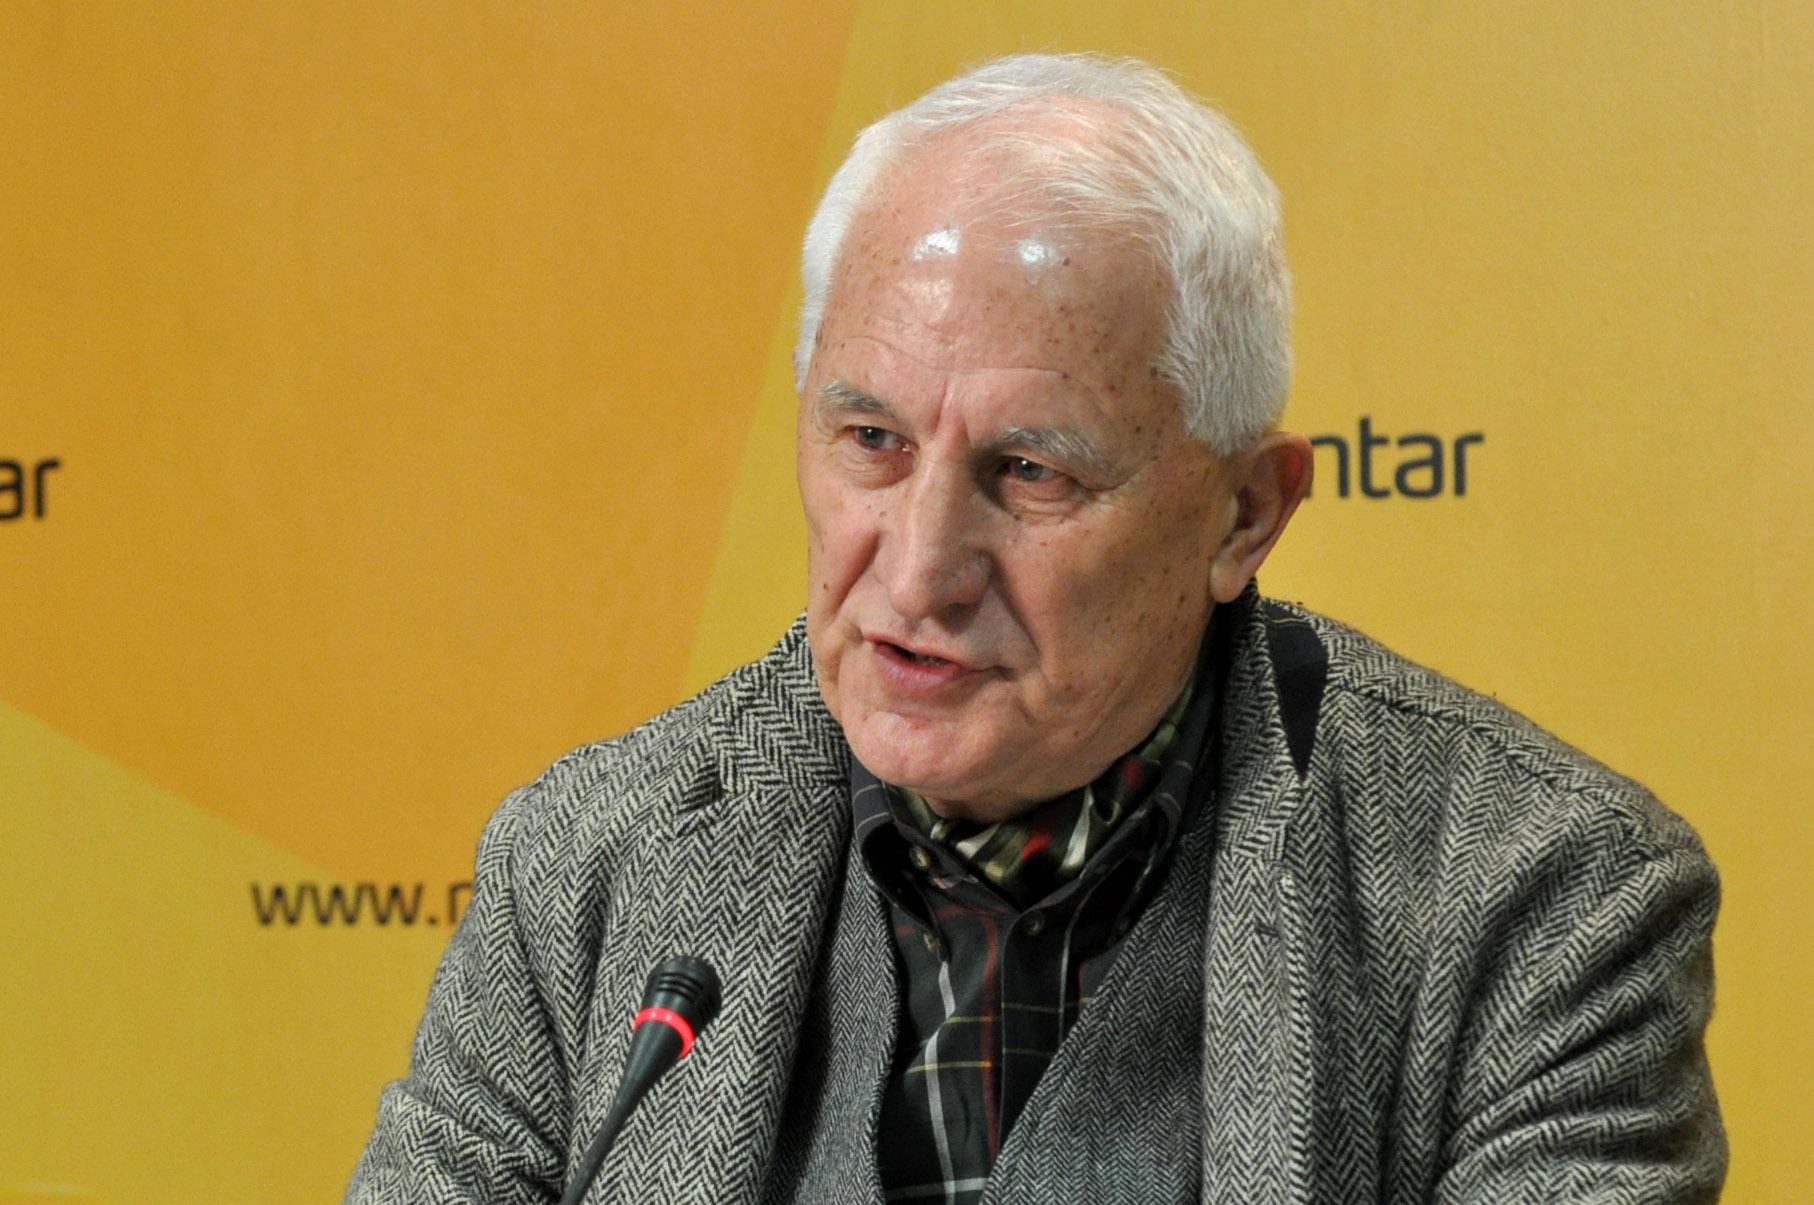 Бећковић: Шта брига Црногорце шта Срби певају, кад тај језик не разумеју